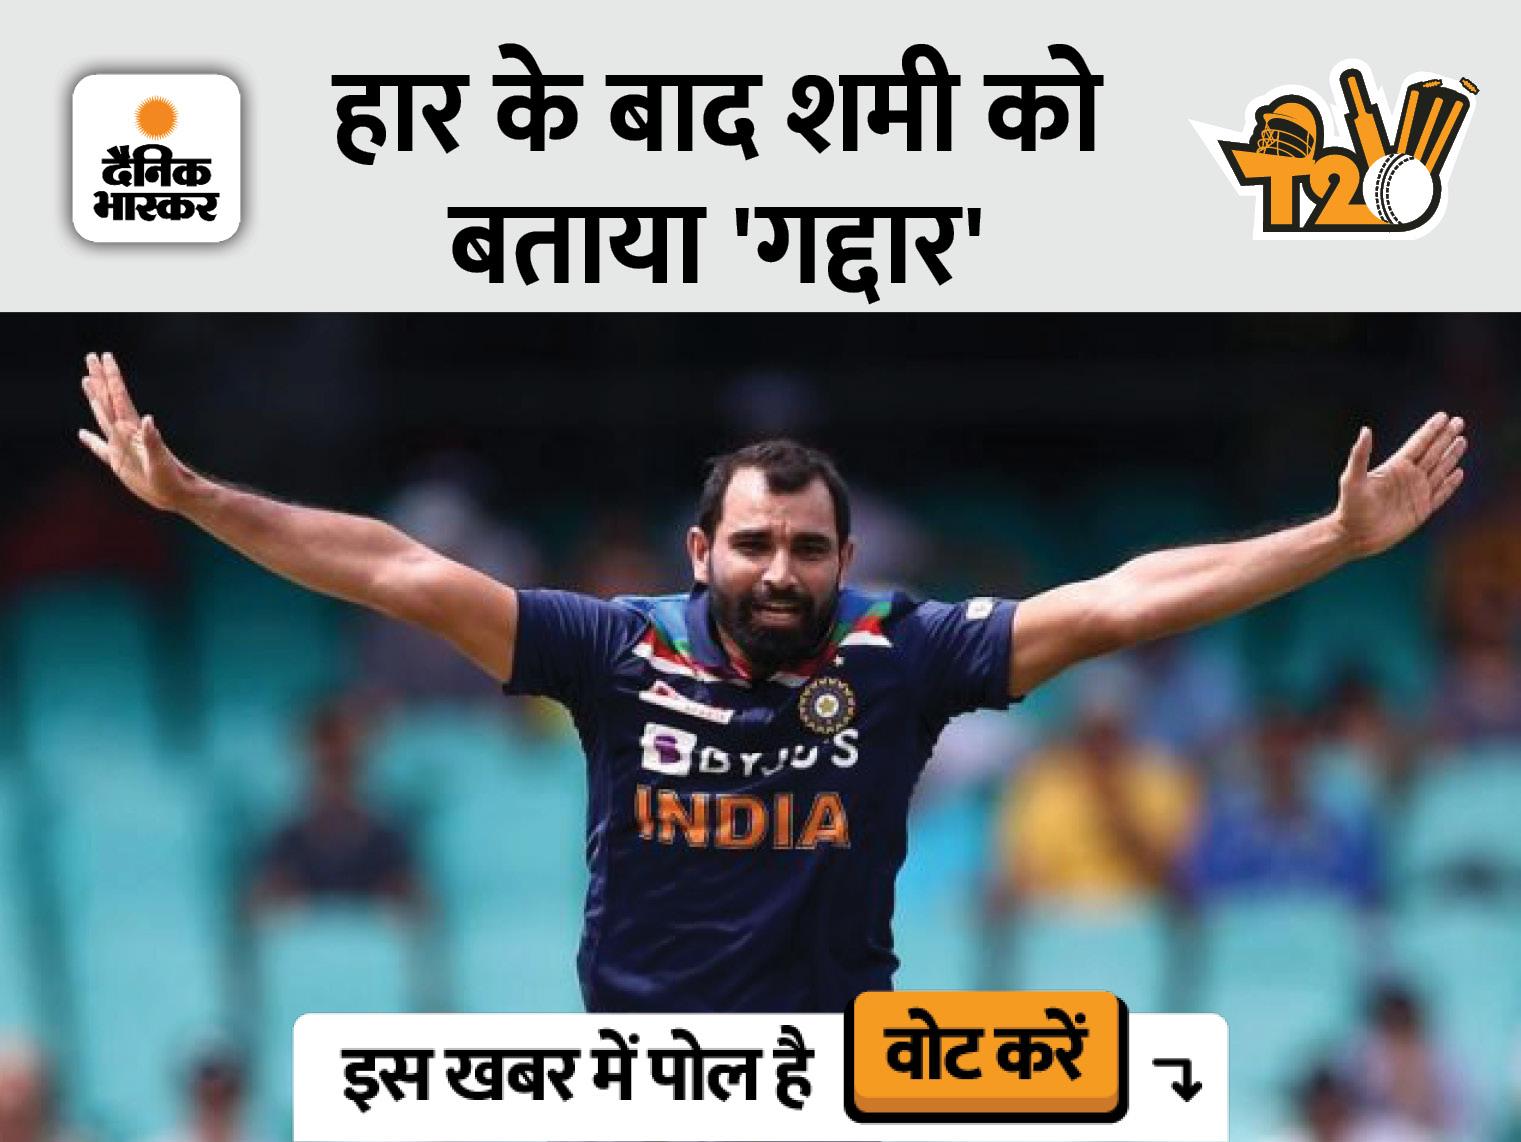 PAK से मिली हार के बाद सोशल मीडिया यूजर्स उन्हें गालियां दे रहे, बचाव में आगे आए सहवाग-ओवैसी टी-20 वर्ल्ड कप,T20 World Cup - Dainik Bhaskar